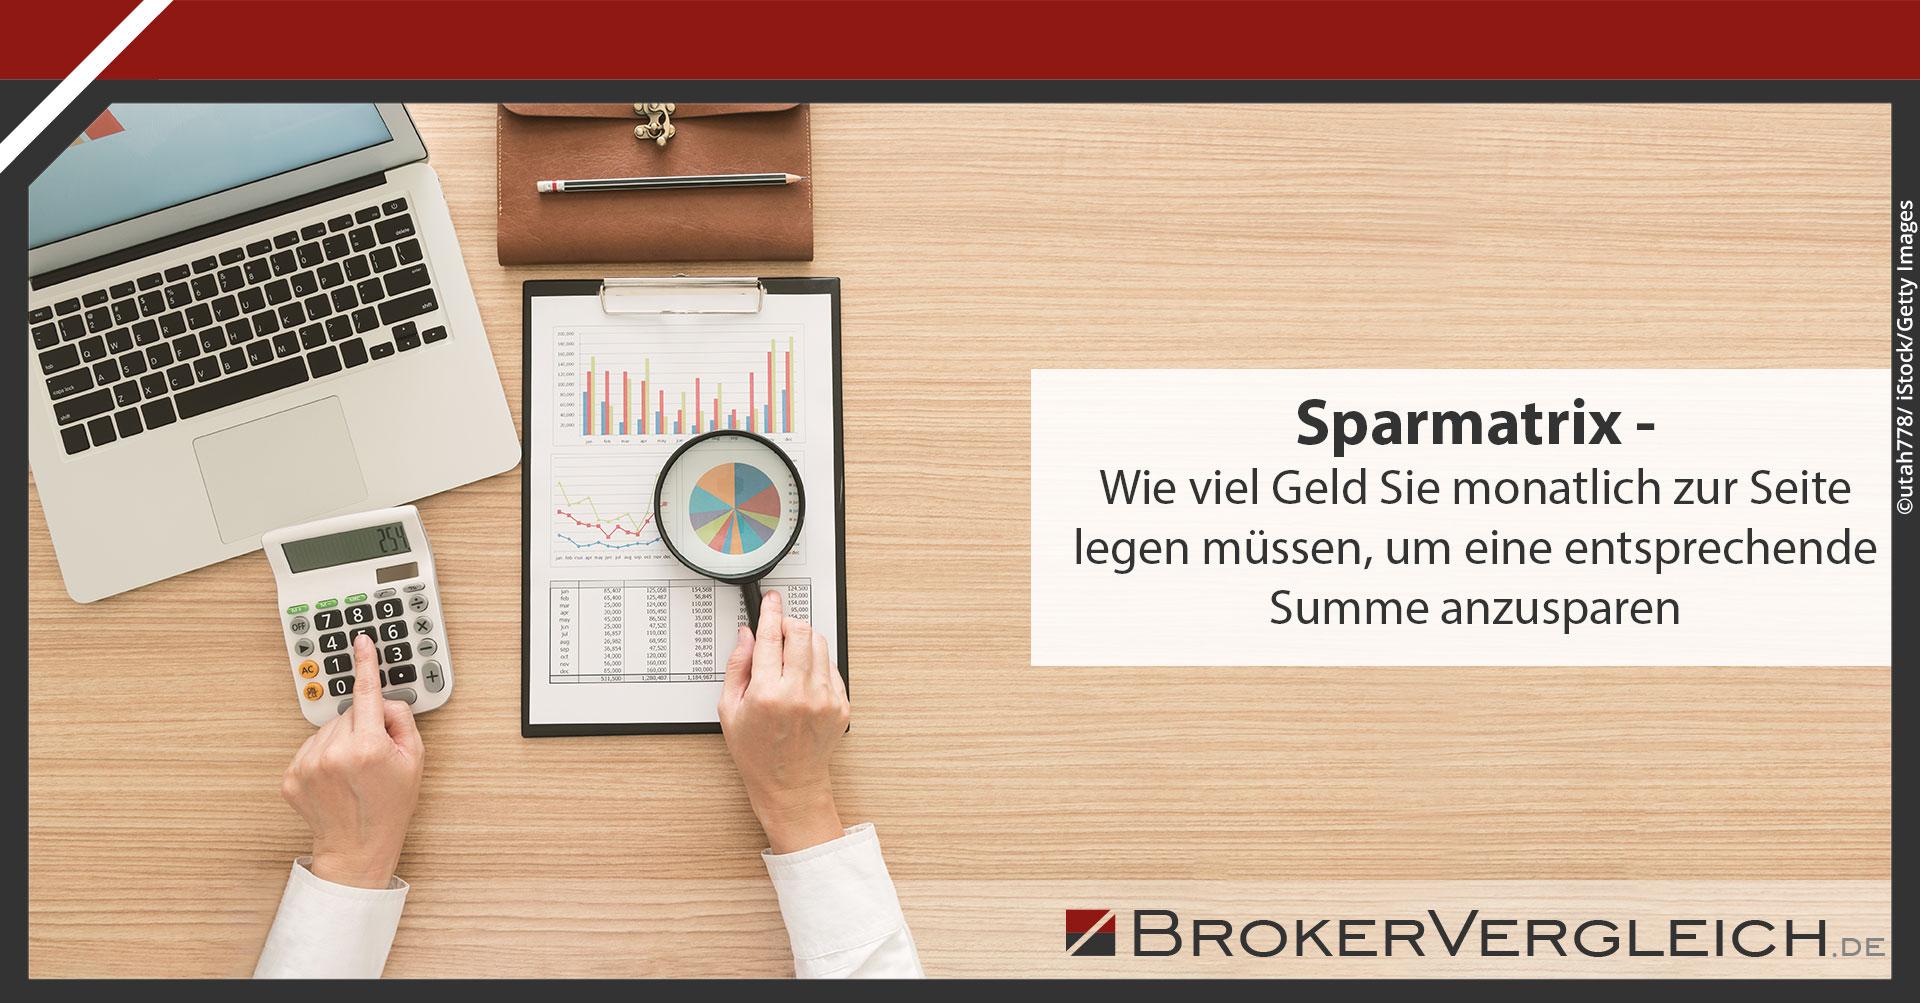 Zum Beitrag - Sparmatrix